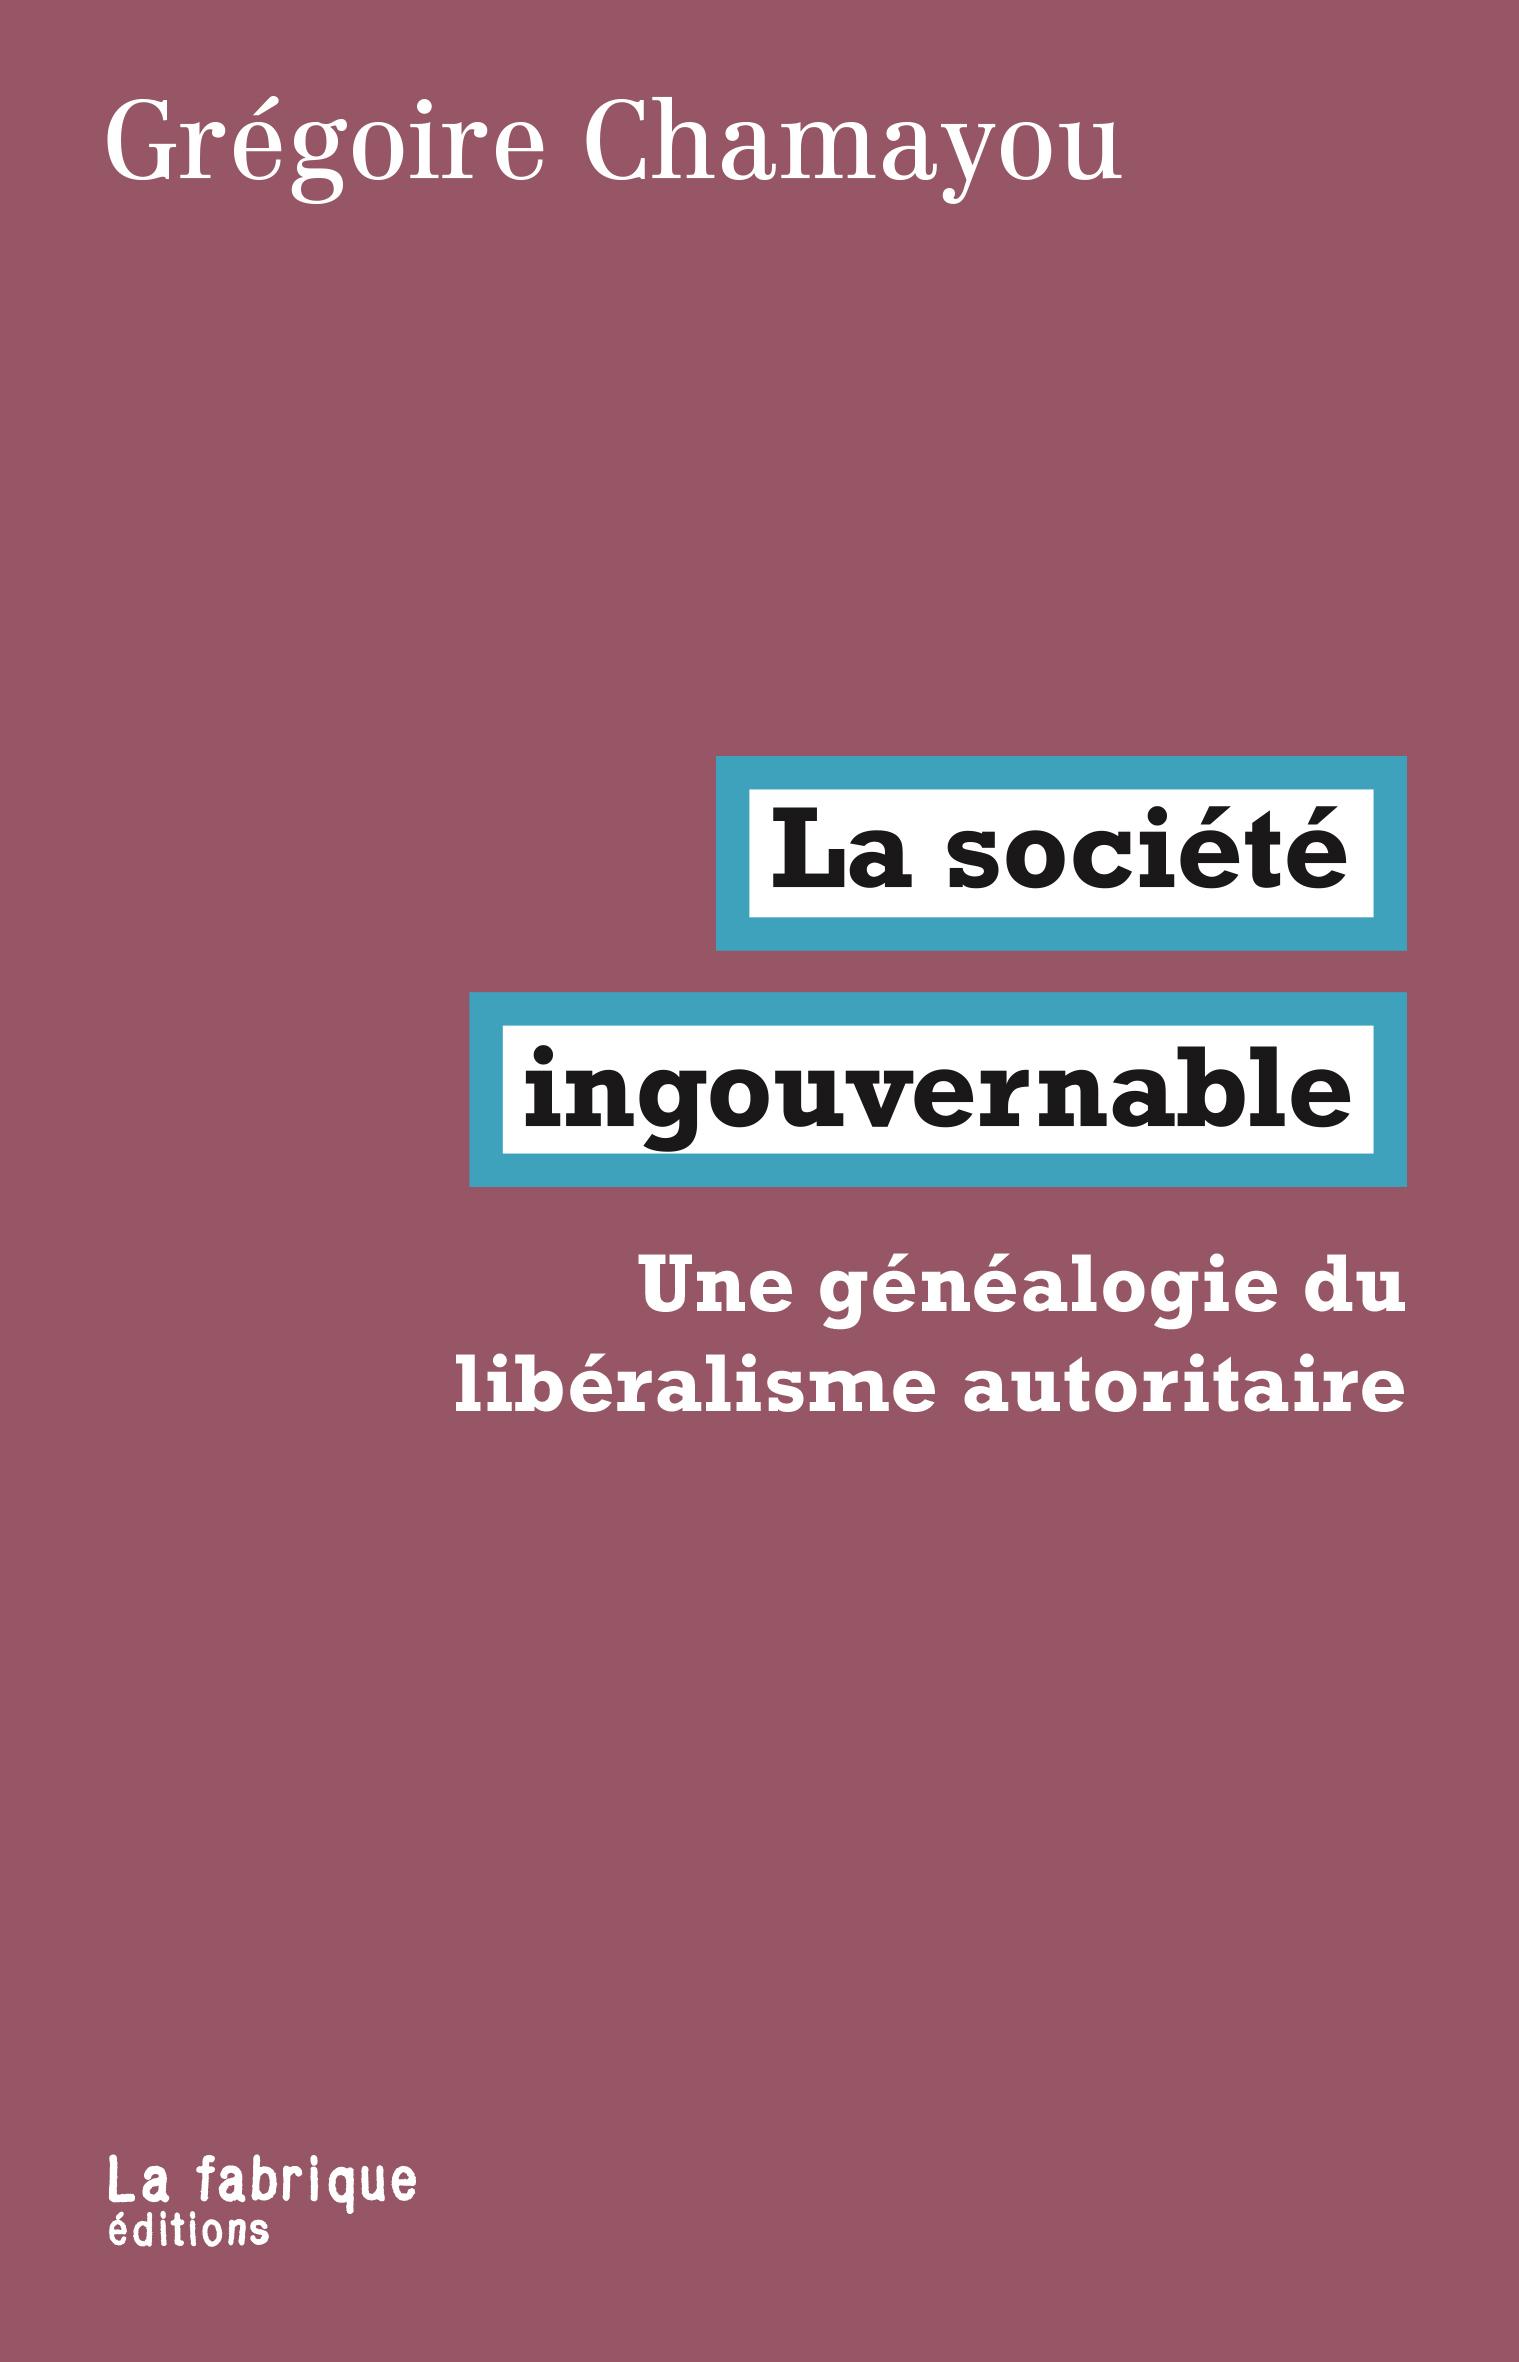 G. Chamayou, La société ingouvernable. Une généalogie du libéralisme autoritaire